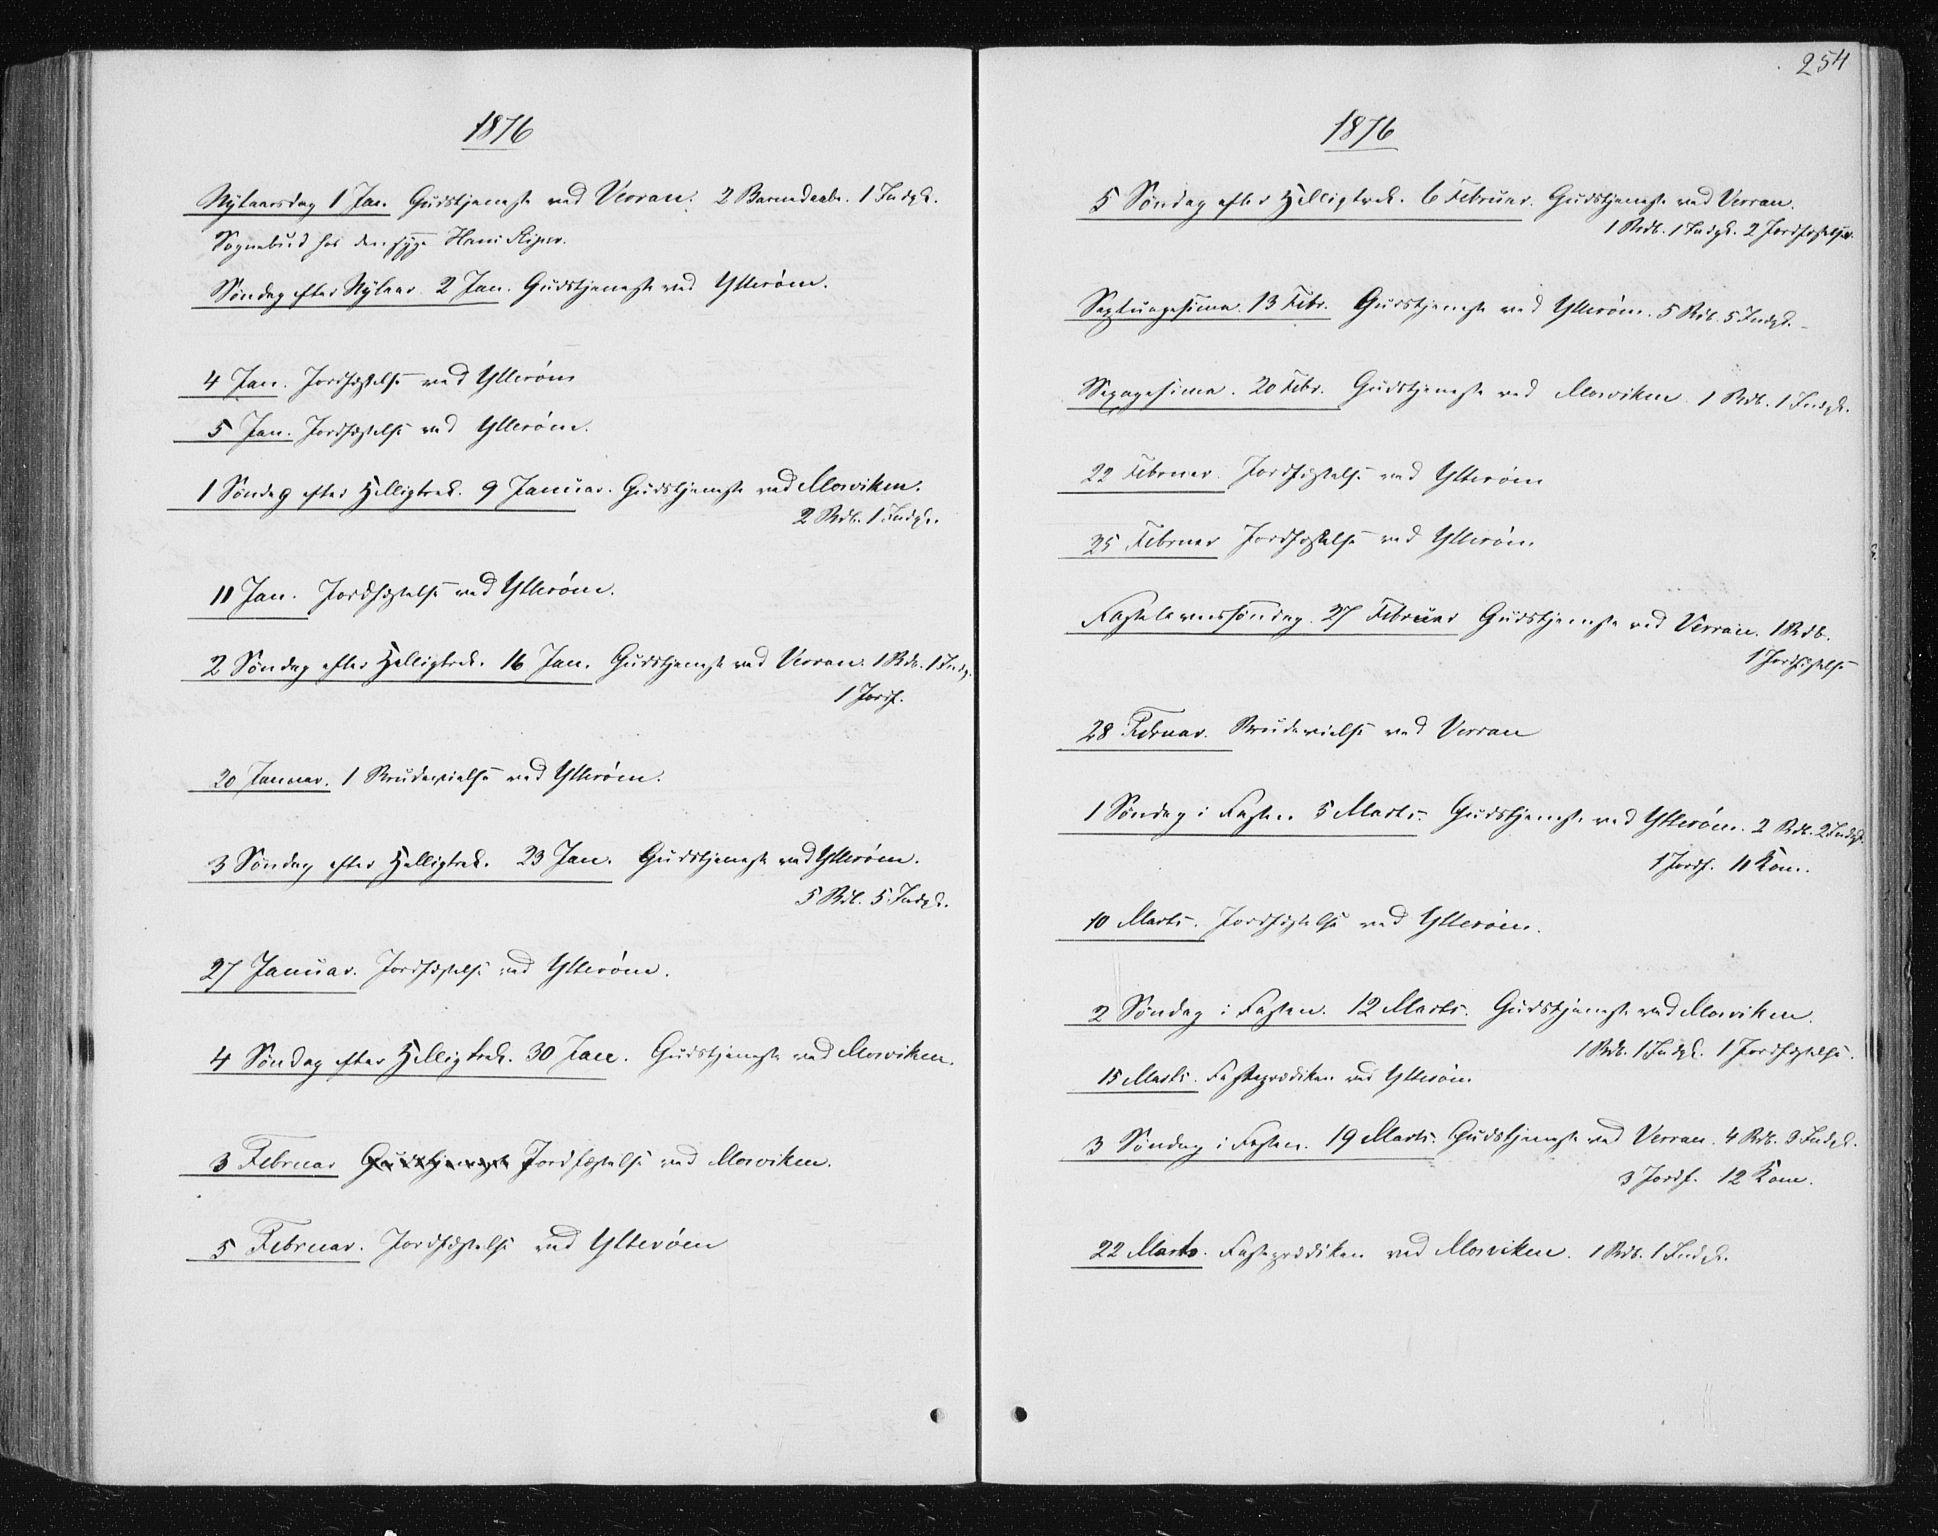 SAT, Ministerialprotokoller, klokkerbøker og fødselsregistre - Nord-Trøndelag, 722/L0219: Ministerialbok nr. 722A06, 1868-1880, s. 254